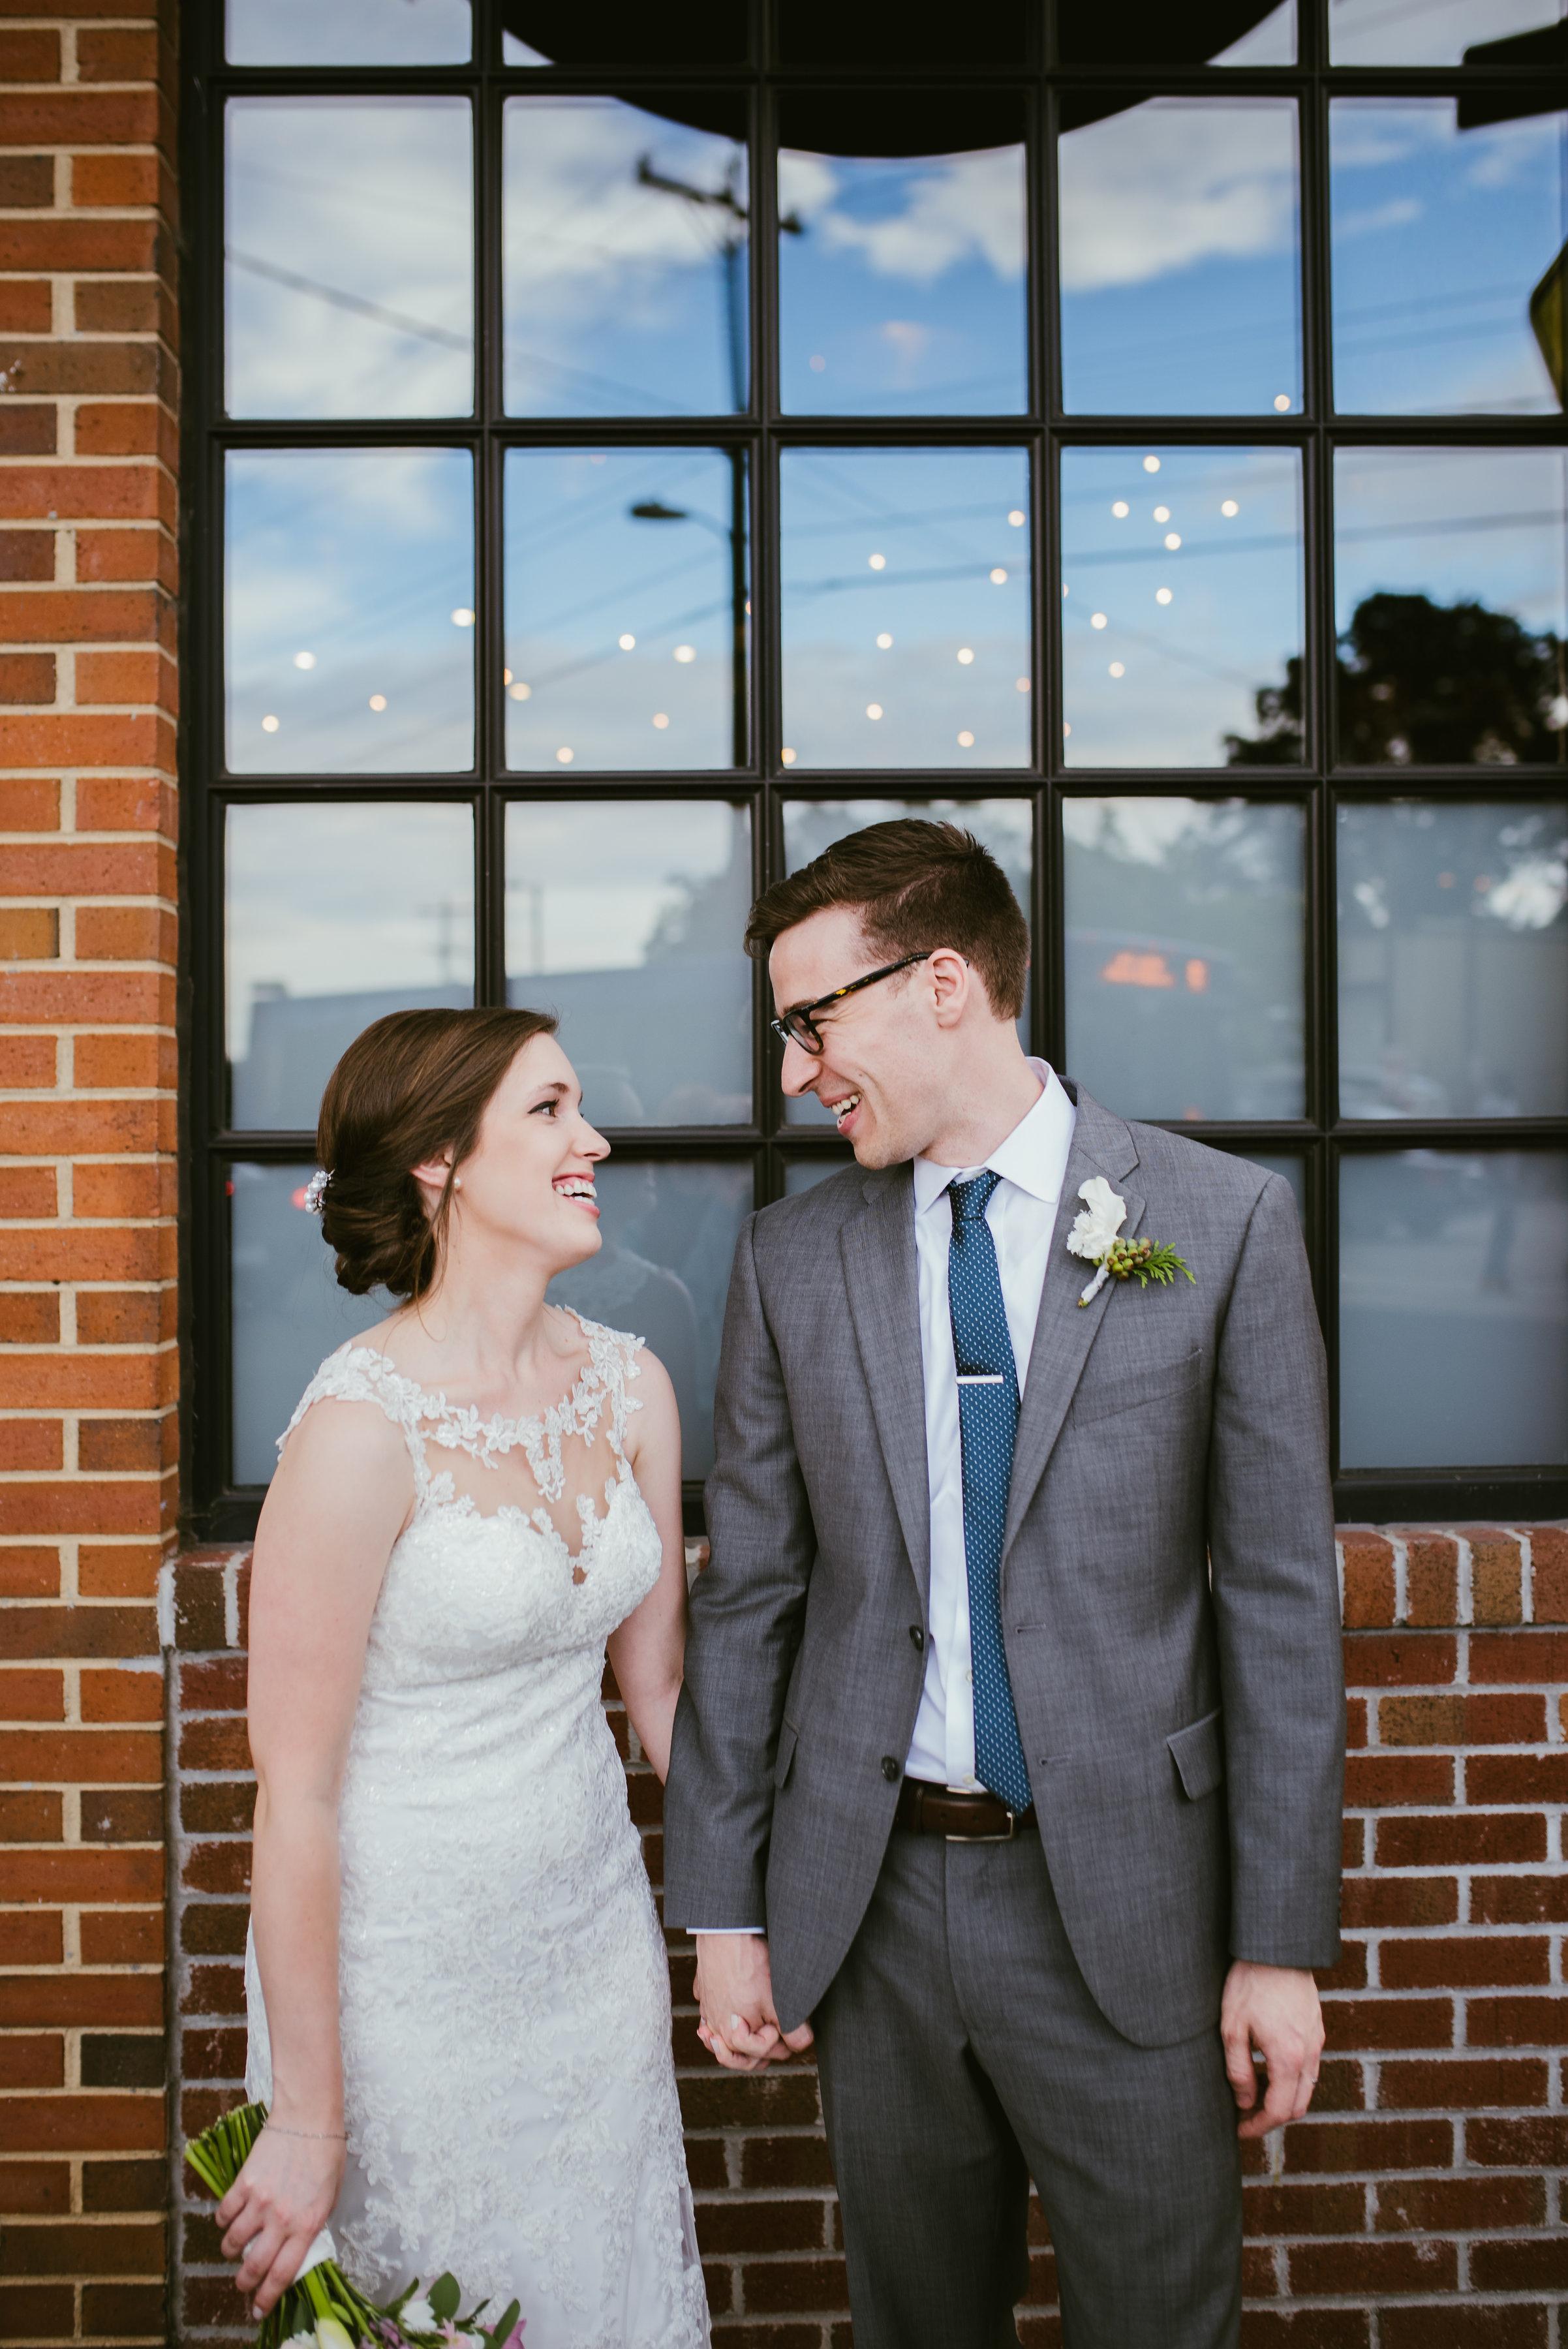 Durham Wedding Photographer - Durham Wedding - The Durham Hotel Wedding - The Cookery Wedding - Raleigh Wedding Photographer - North Carolina Wedding Photographer